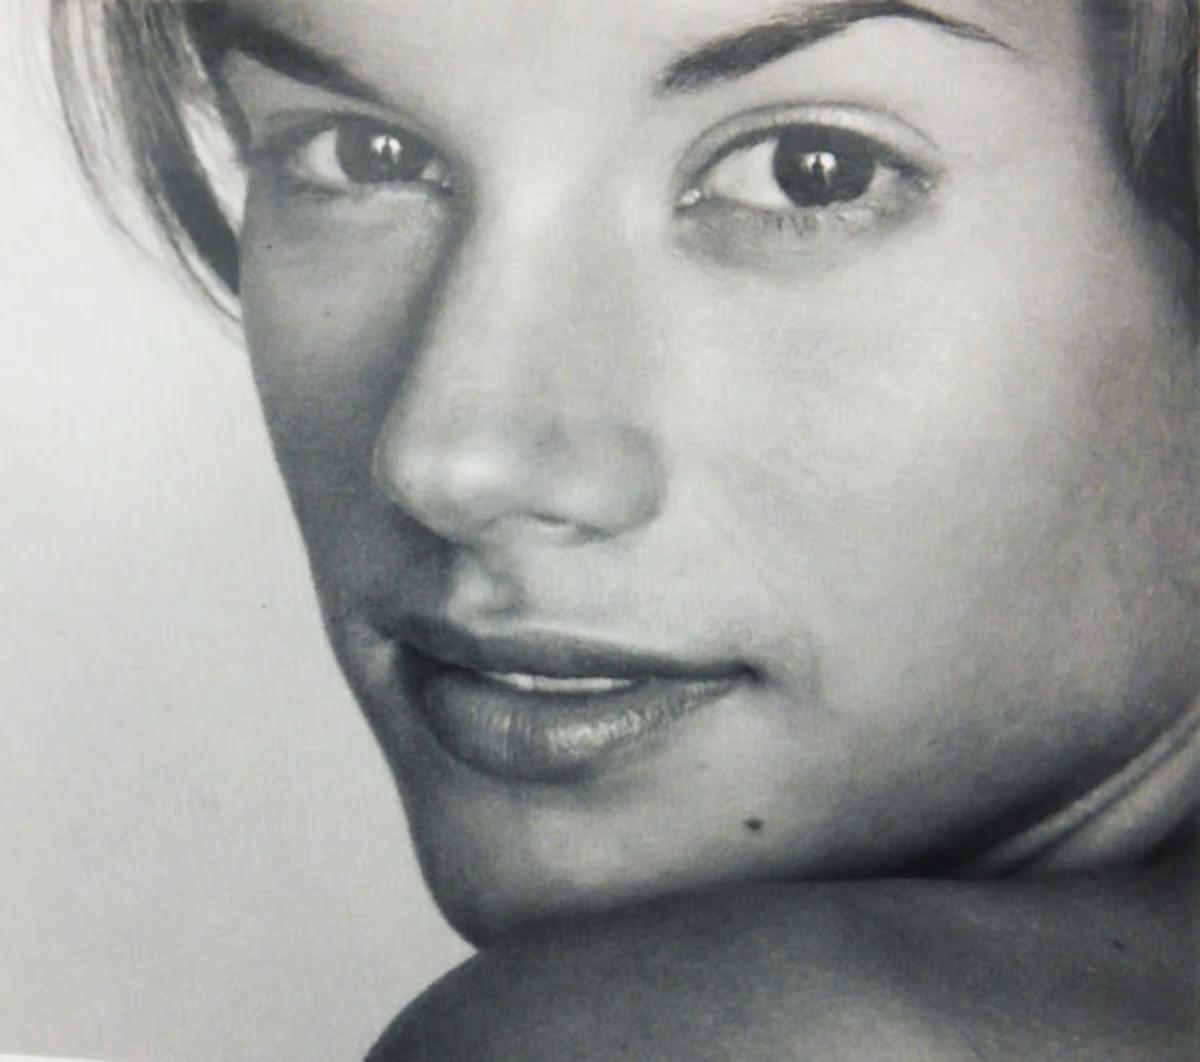 Missy Peregrym